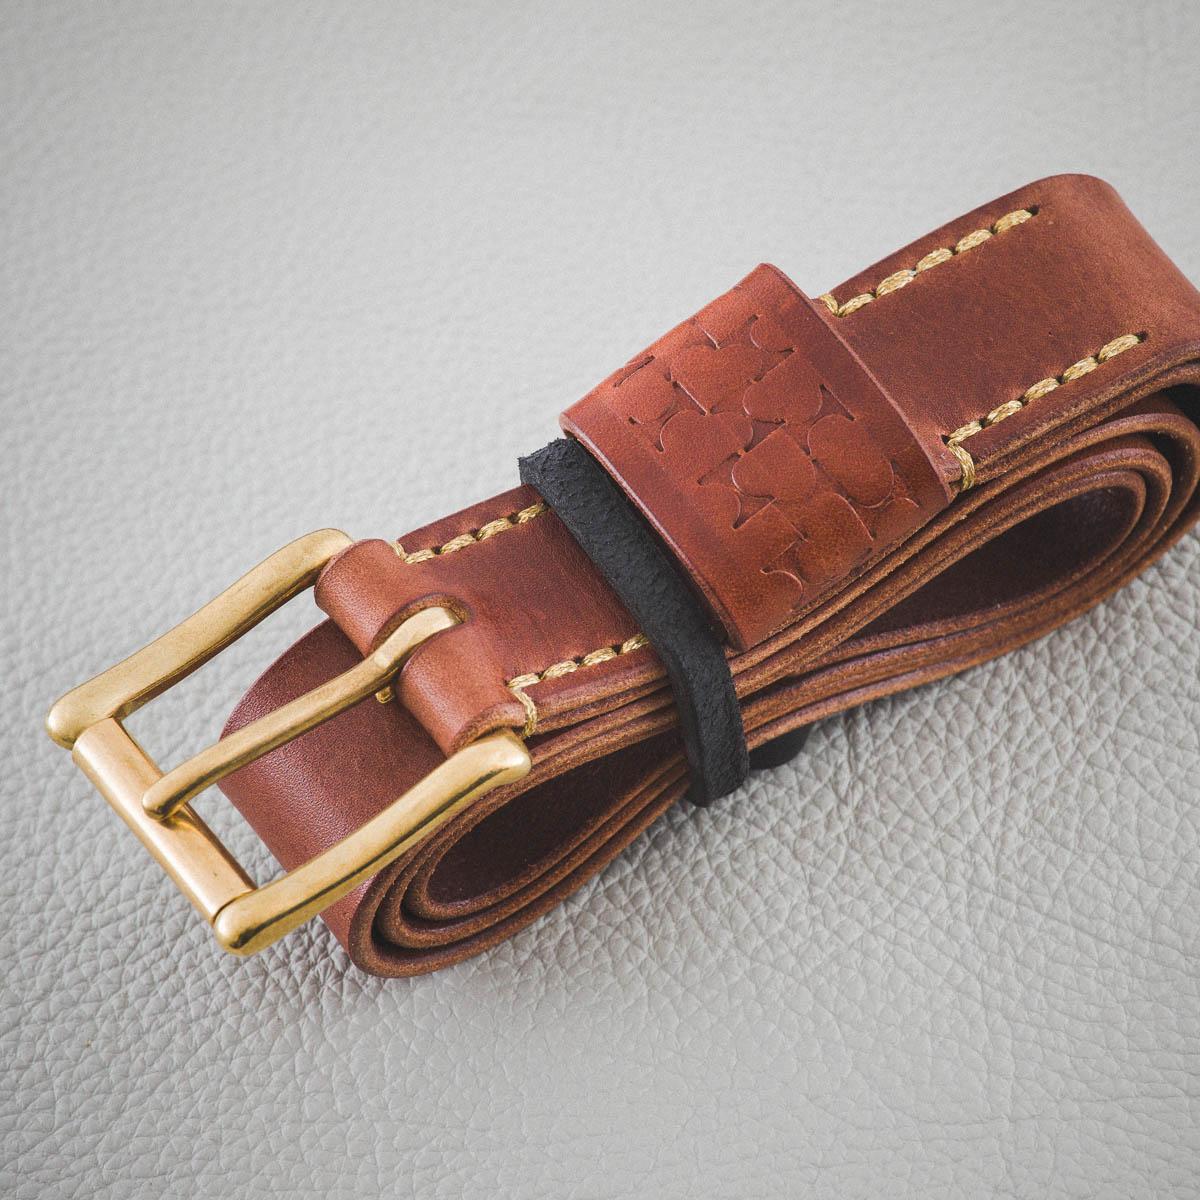 ceinture cuir châtaigne, couture main fil doré, boucle laiton massif